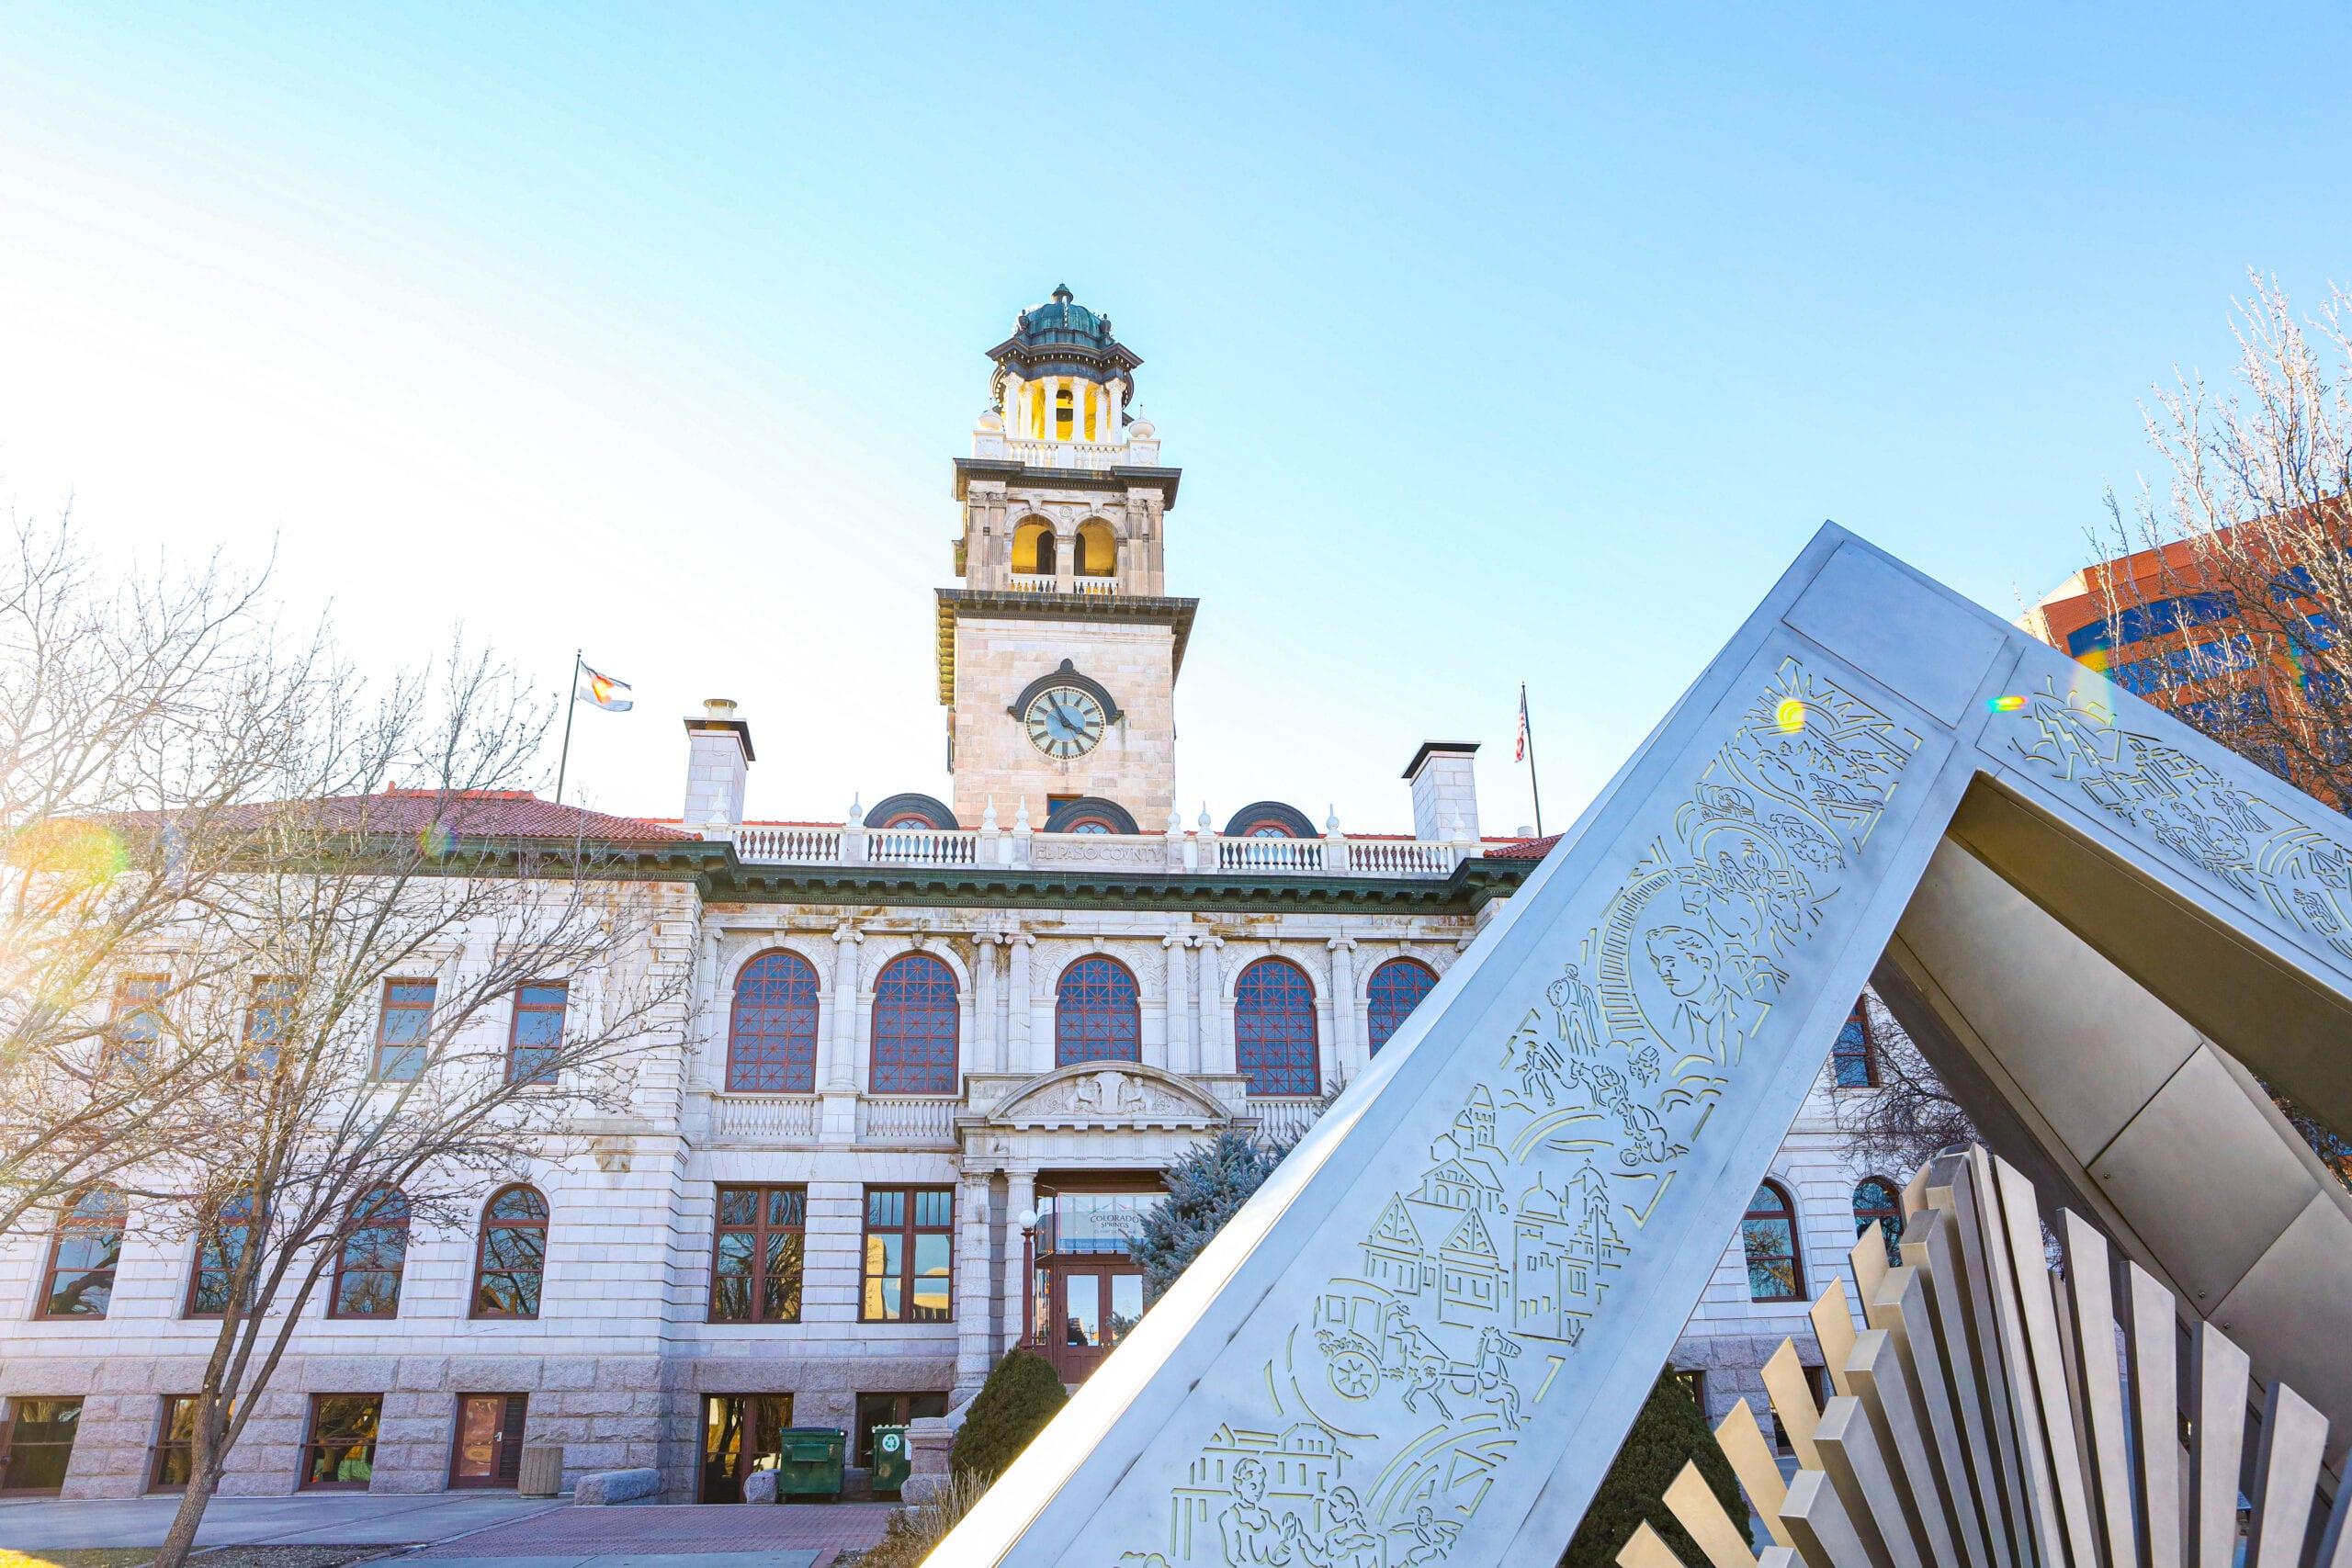 Downtown Pioneer Museum